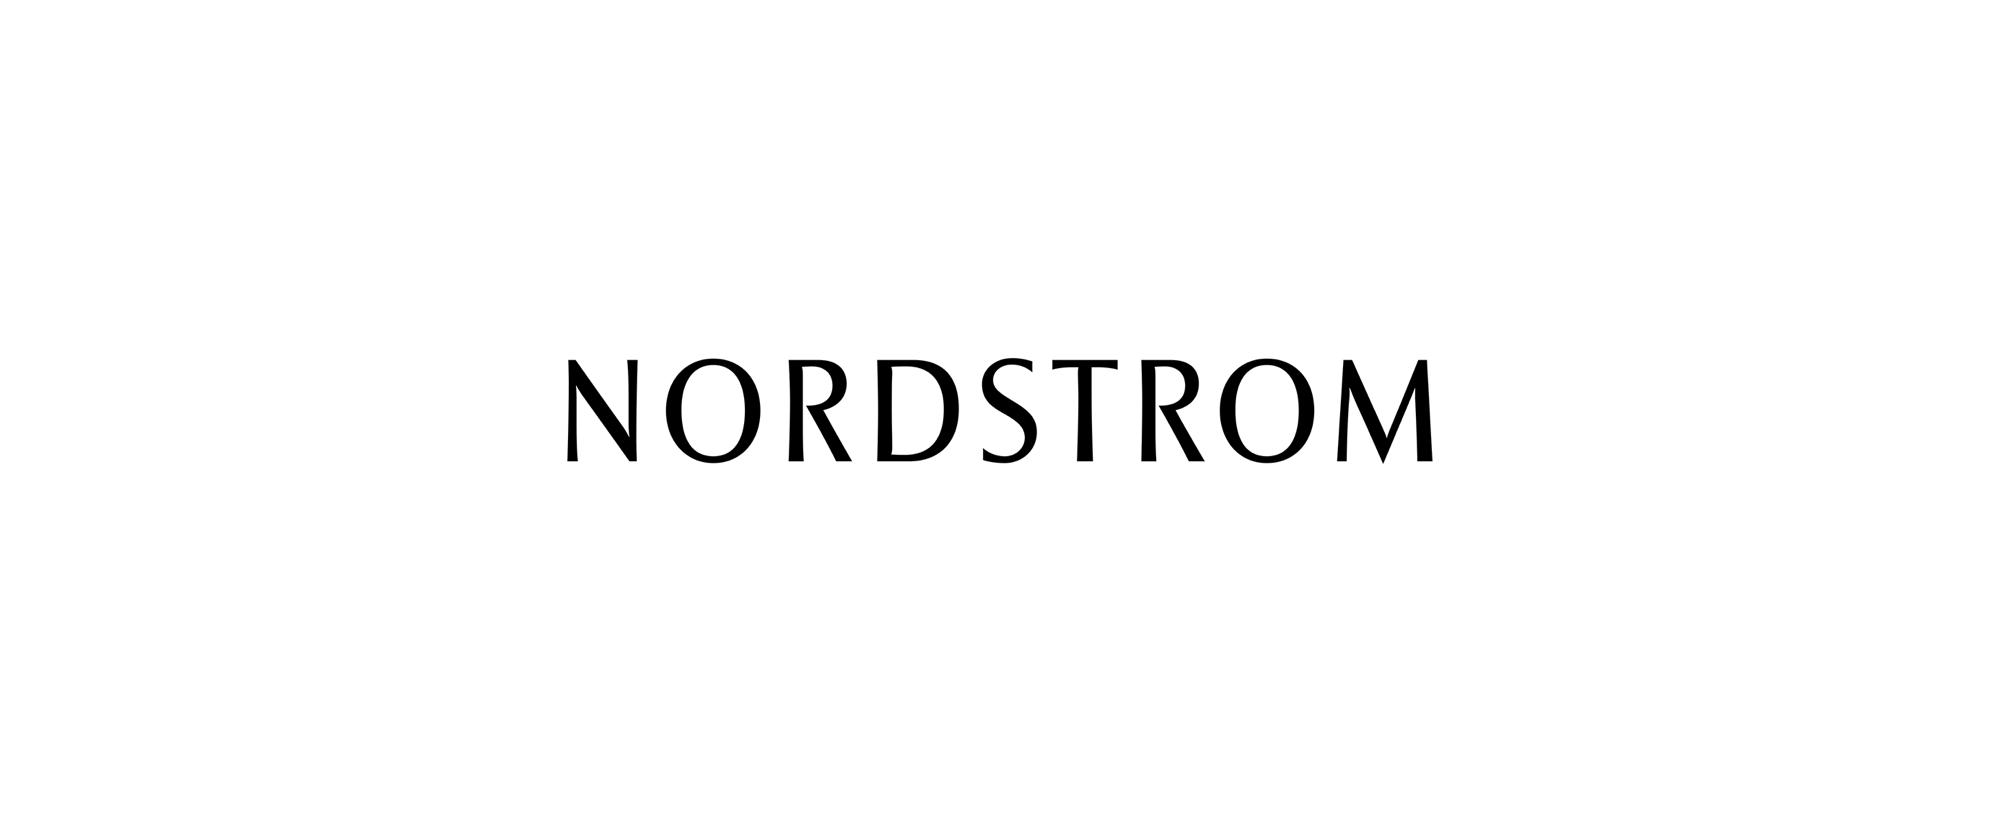 nordstrom serverless